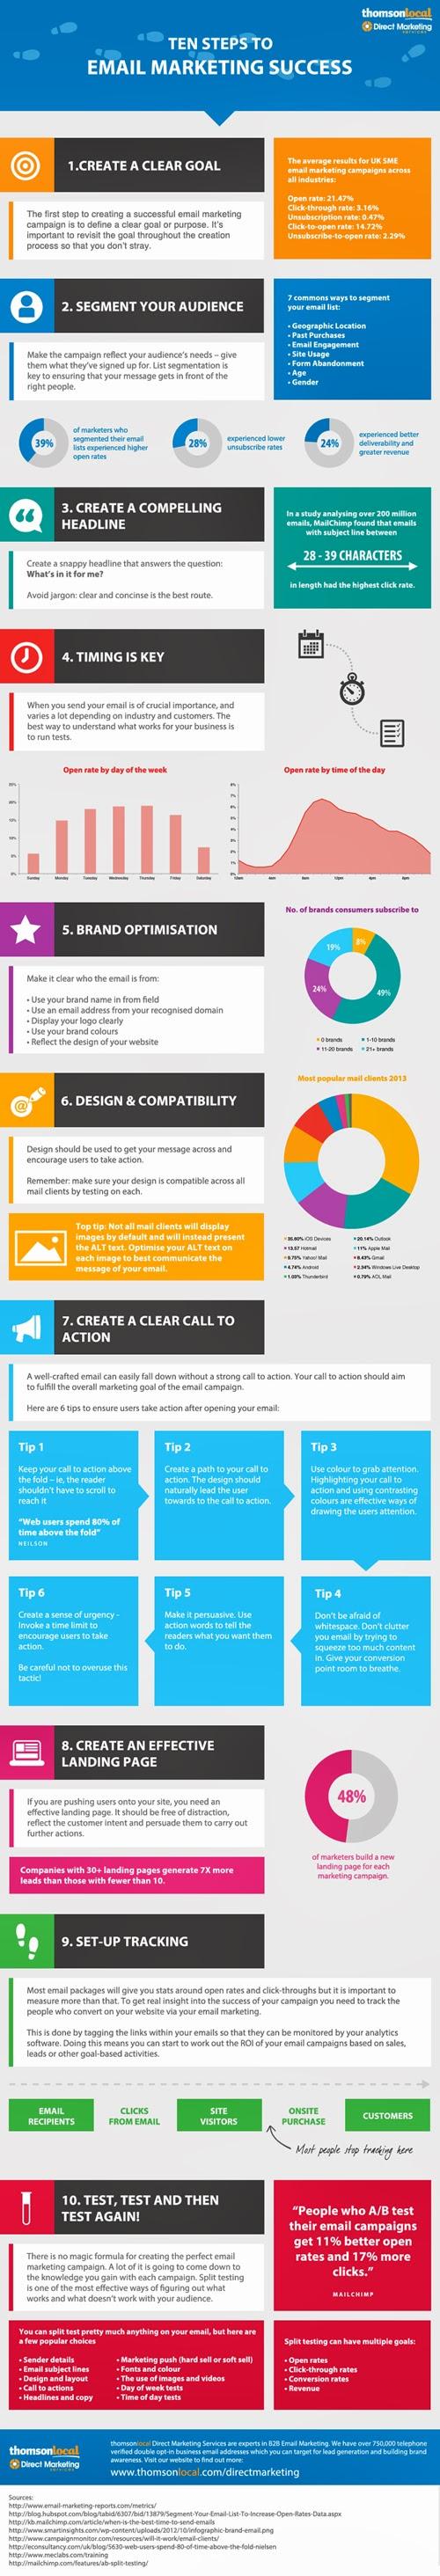 10 pasos para alcanzar el éxito en tus campañas de email marketing